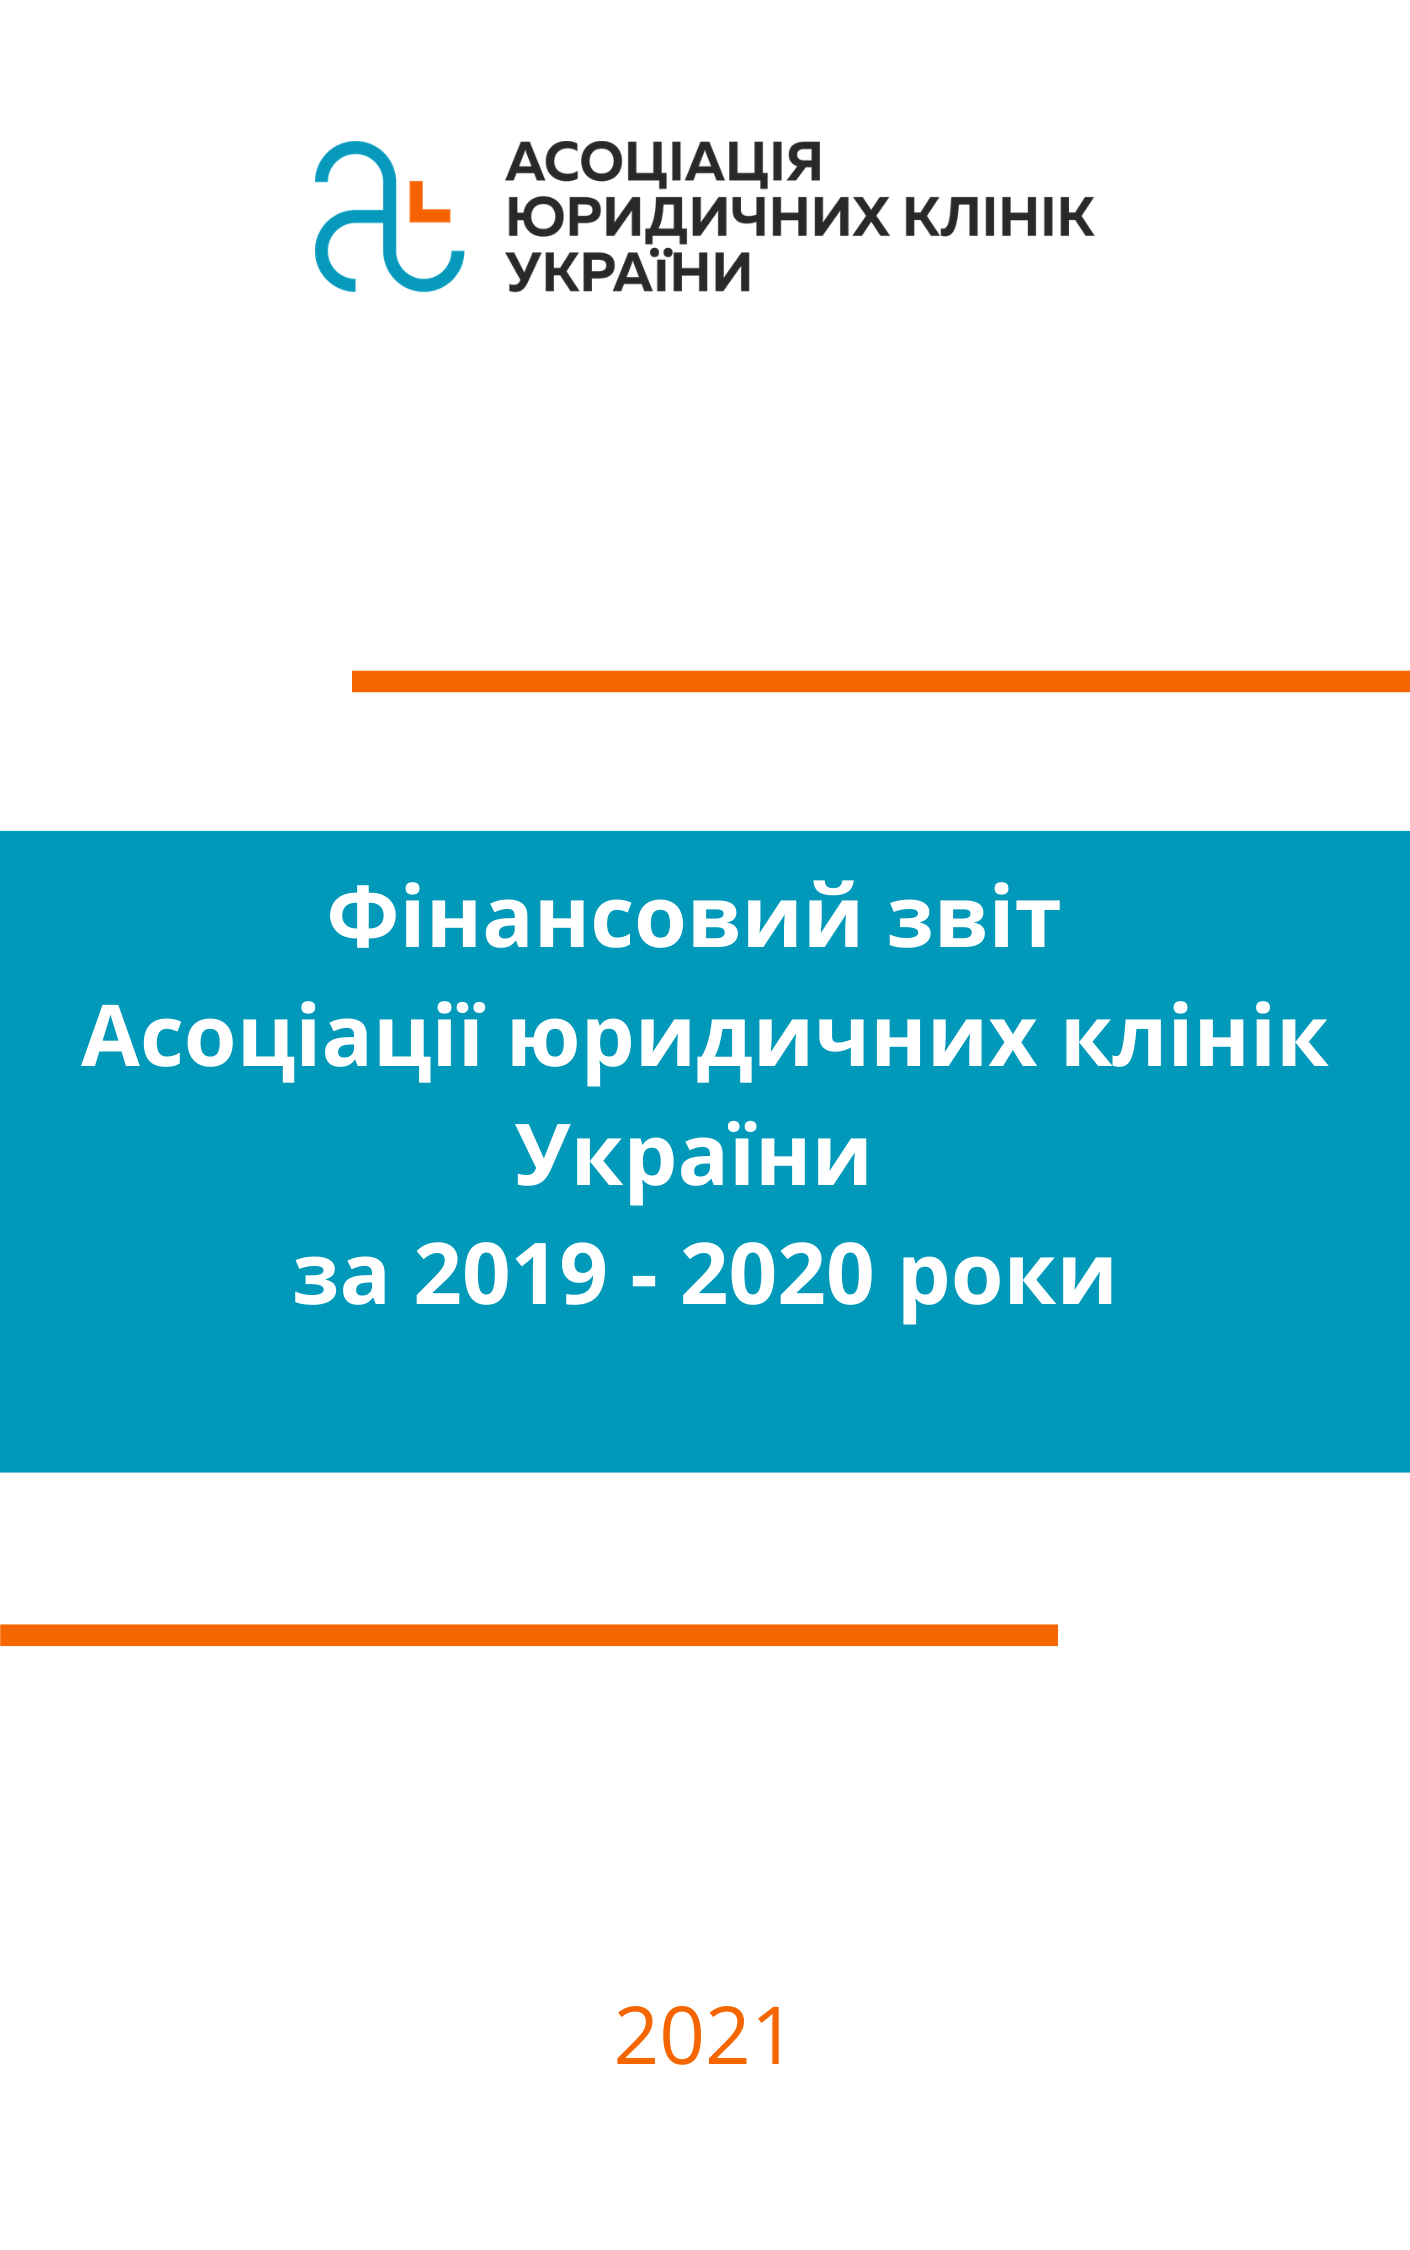 Фінансовий звіт Асоціації юридичних клінік України за 2019-2020 роки